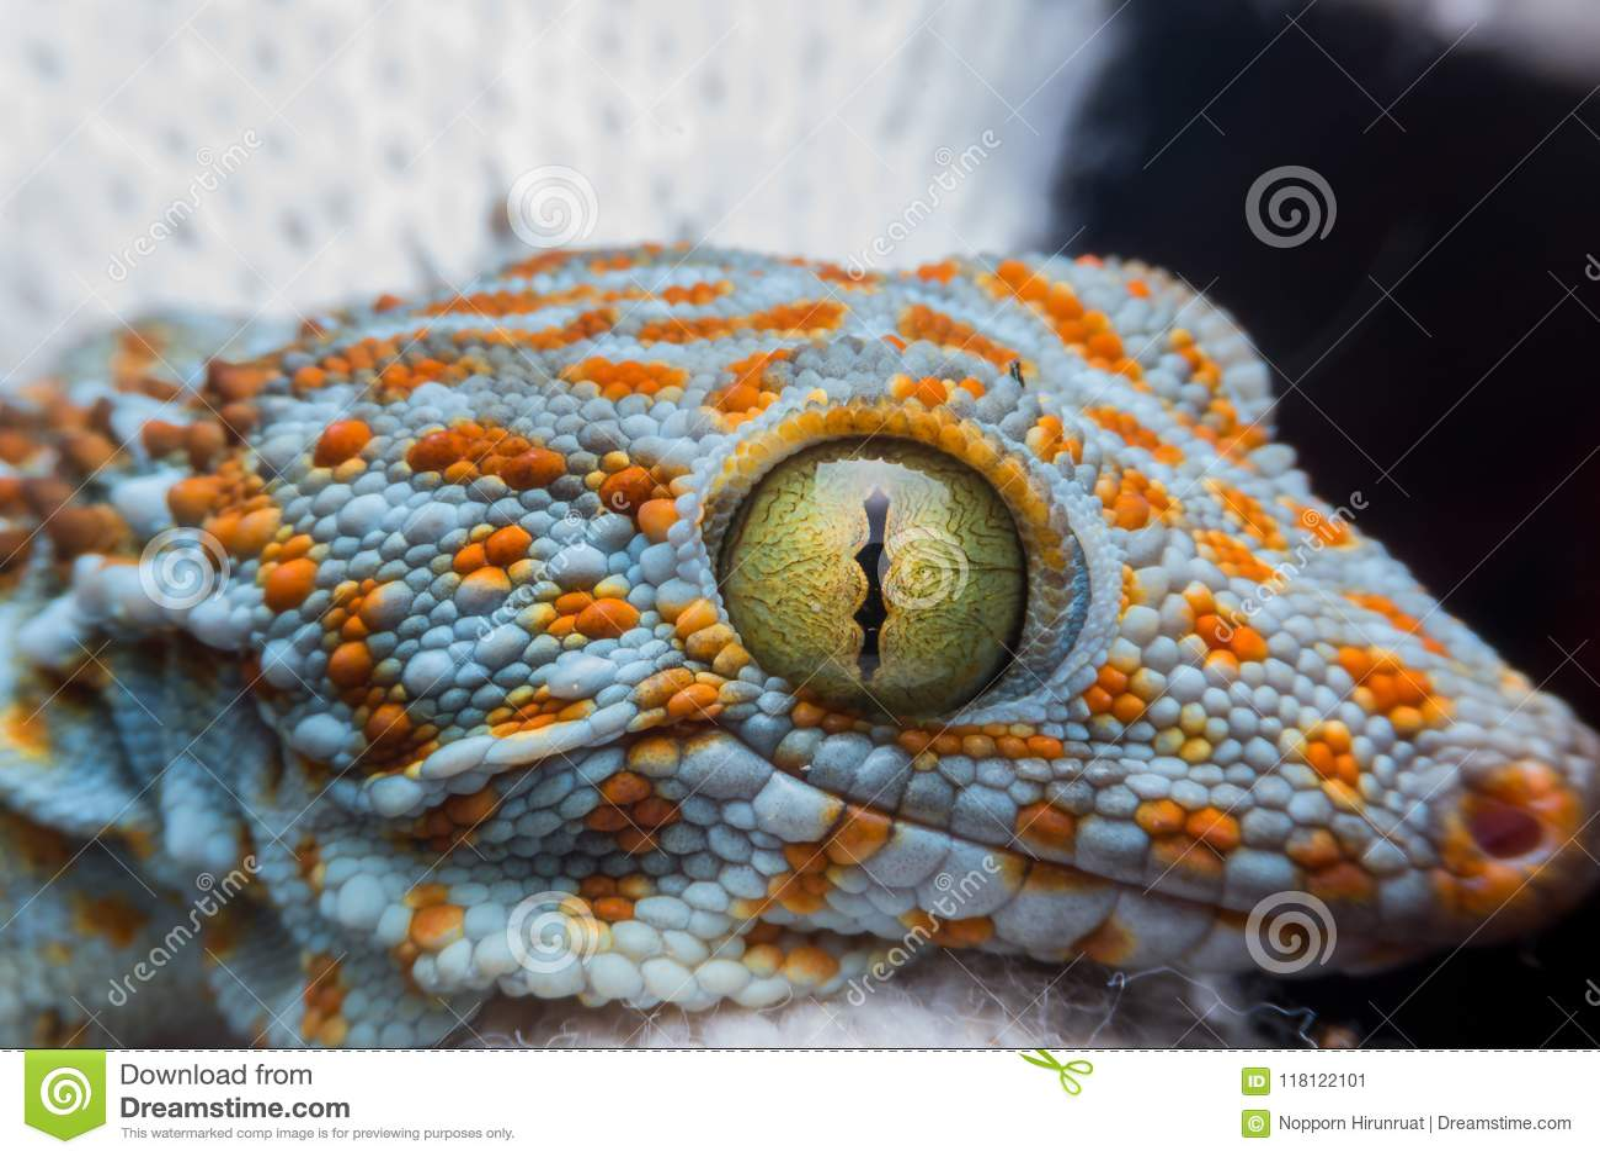 Olho do geco